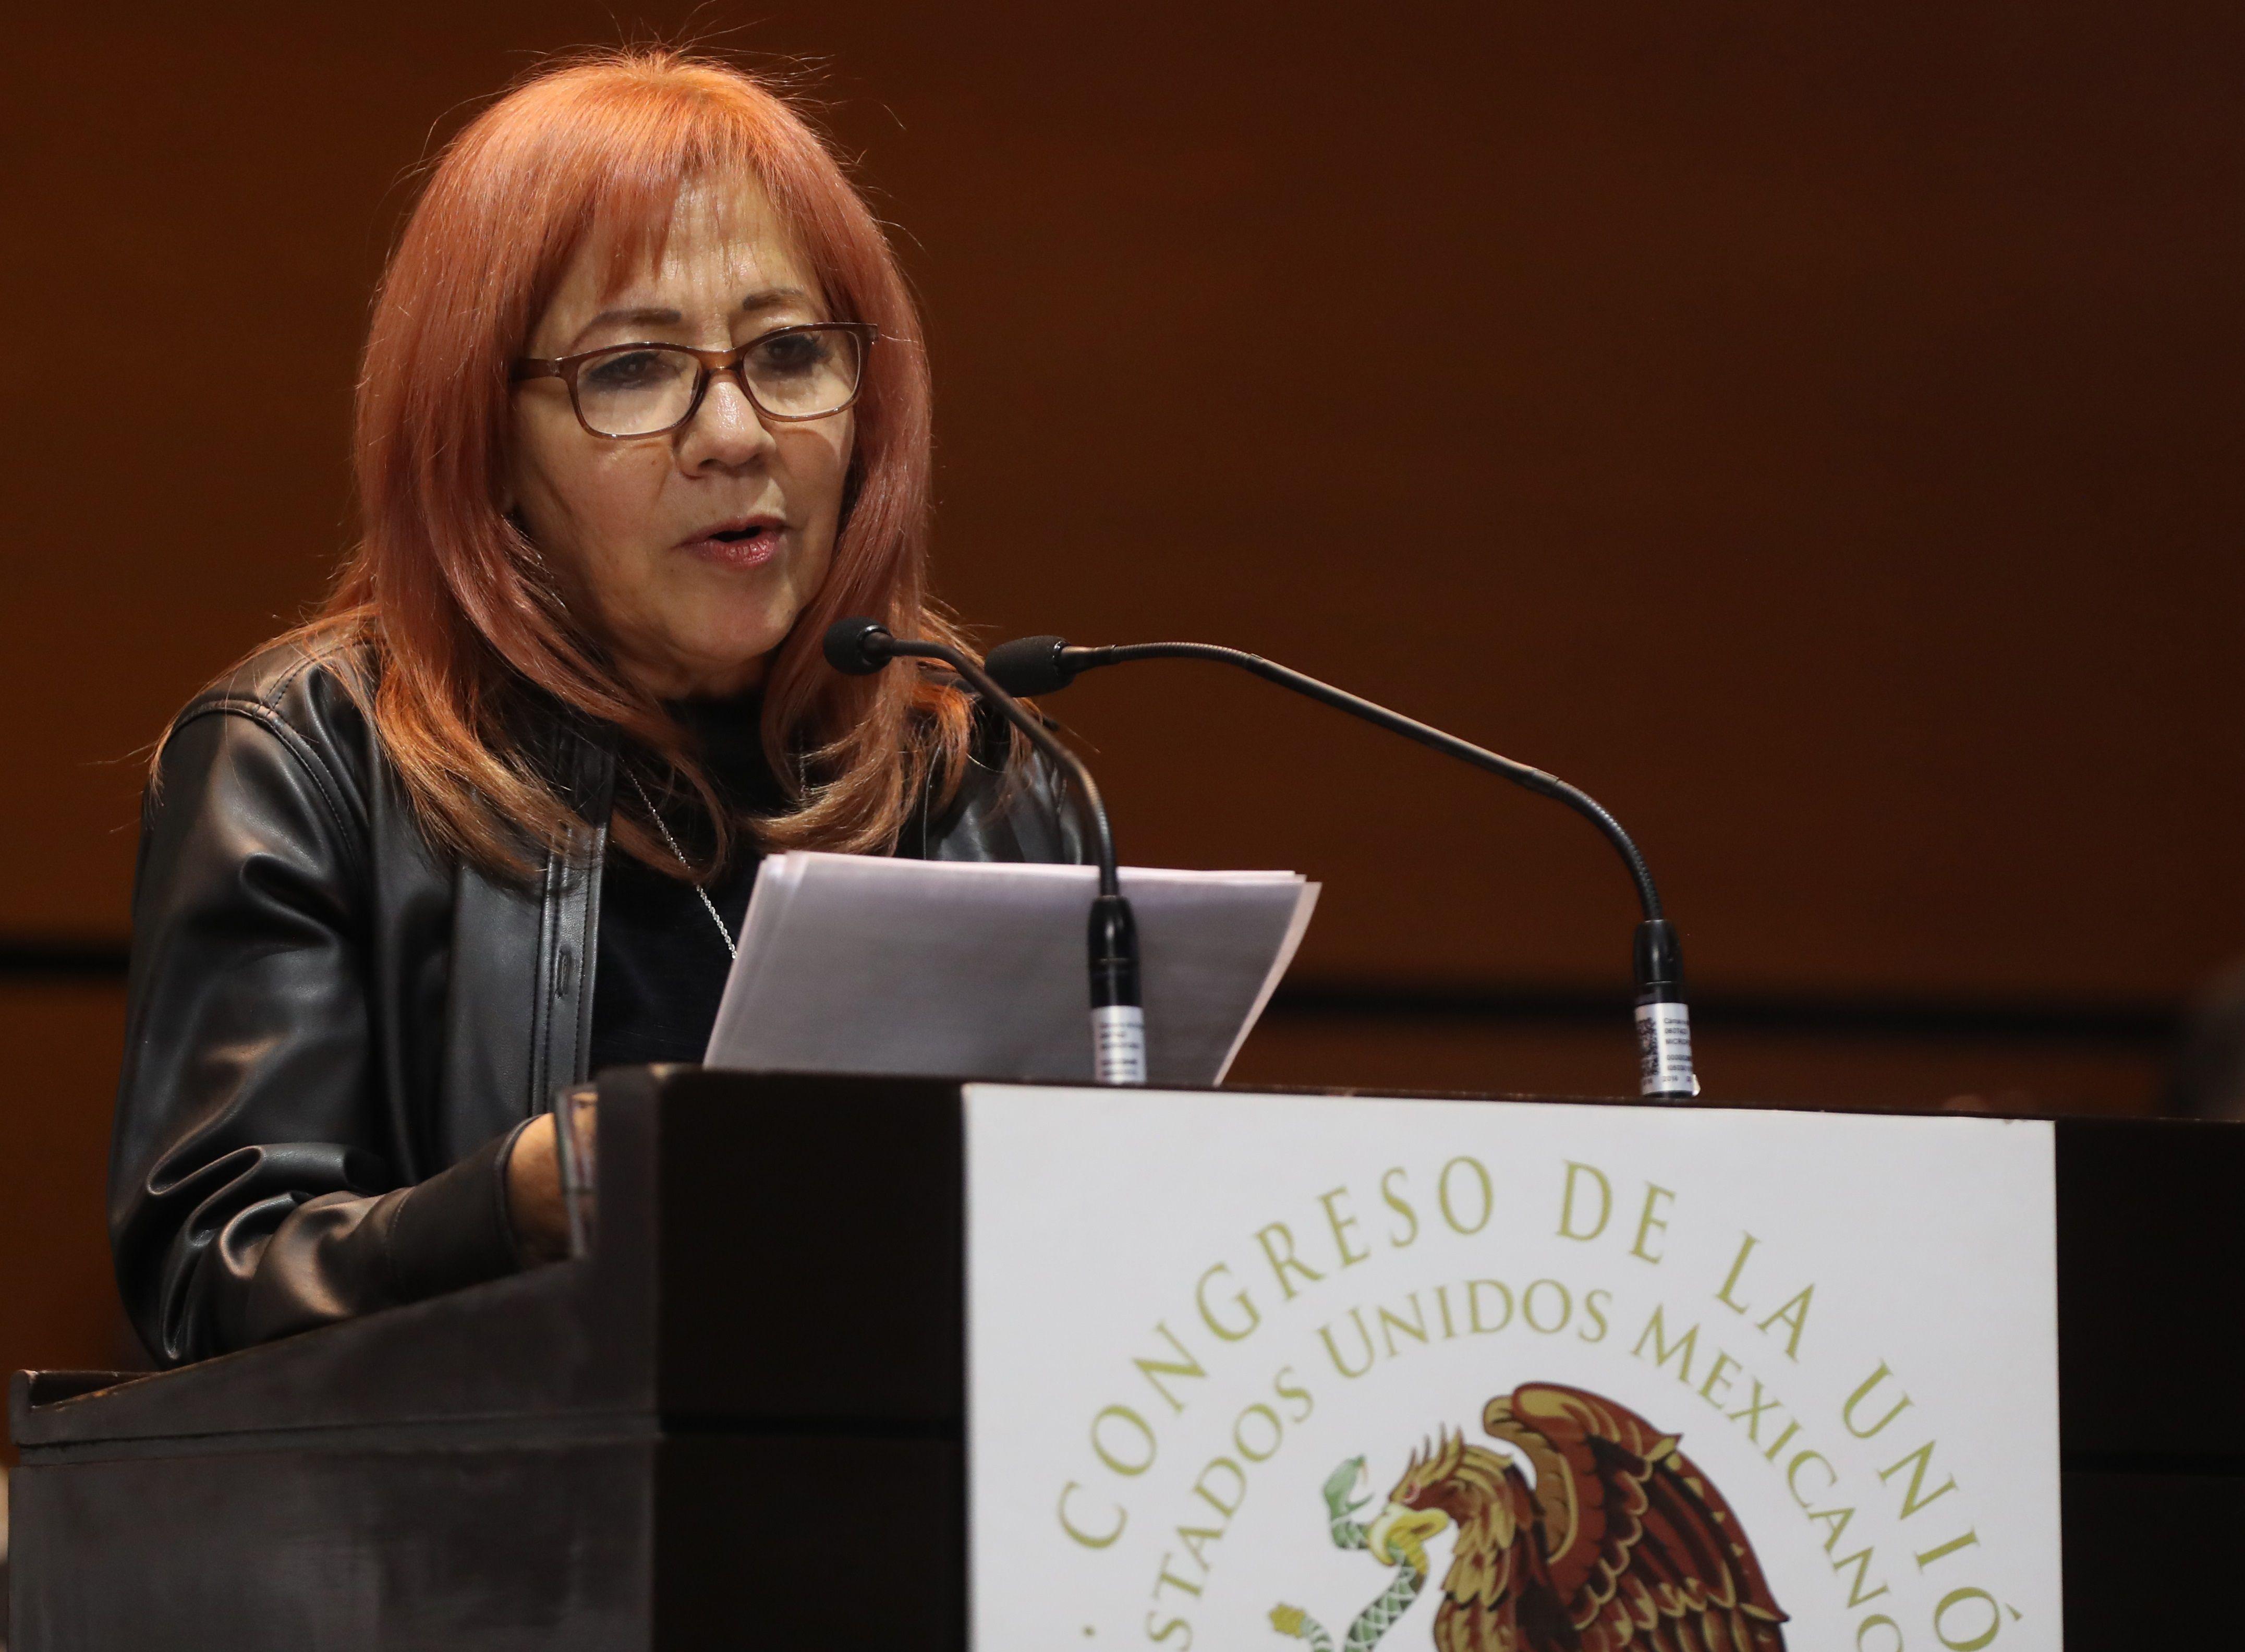 Fotografía de archivo en la que se registró a la presidenta de la Comisión Nacional de Derechos Humanos (CNDH) de México, Rosario Piedra Ibarra, en Ciudad de México (México). EFE/Mario Guzmán